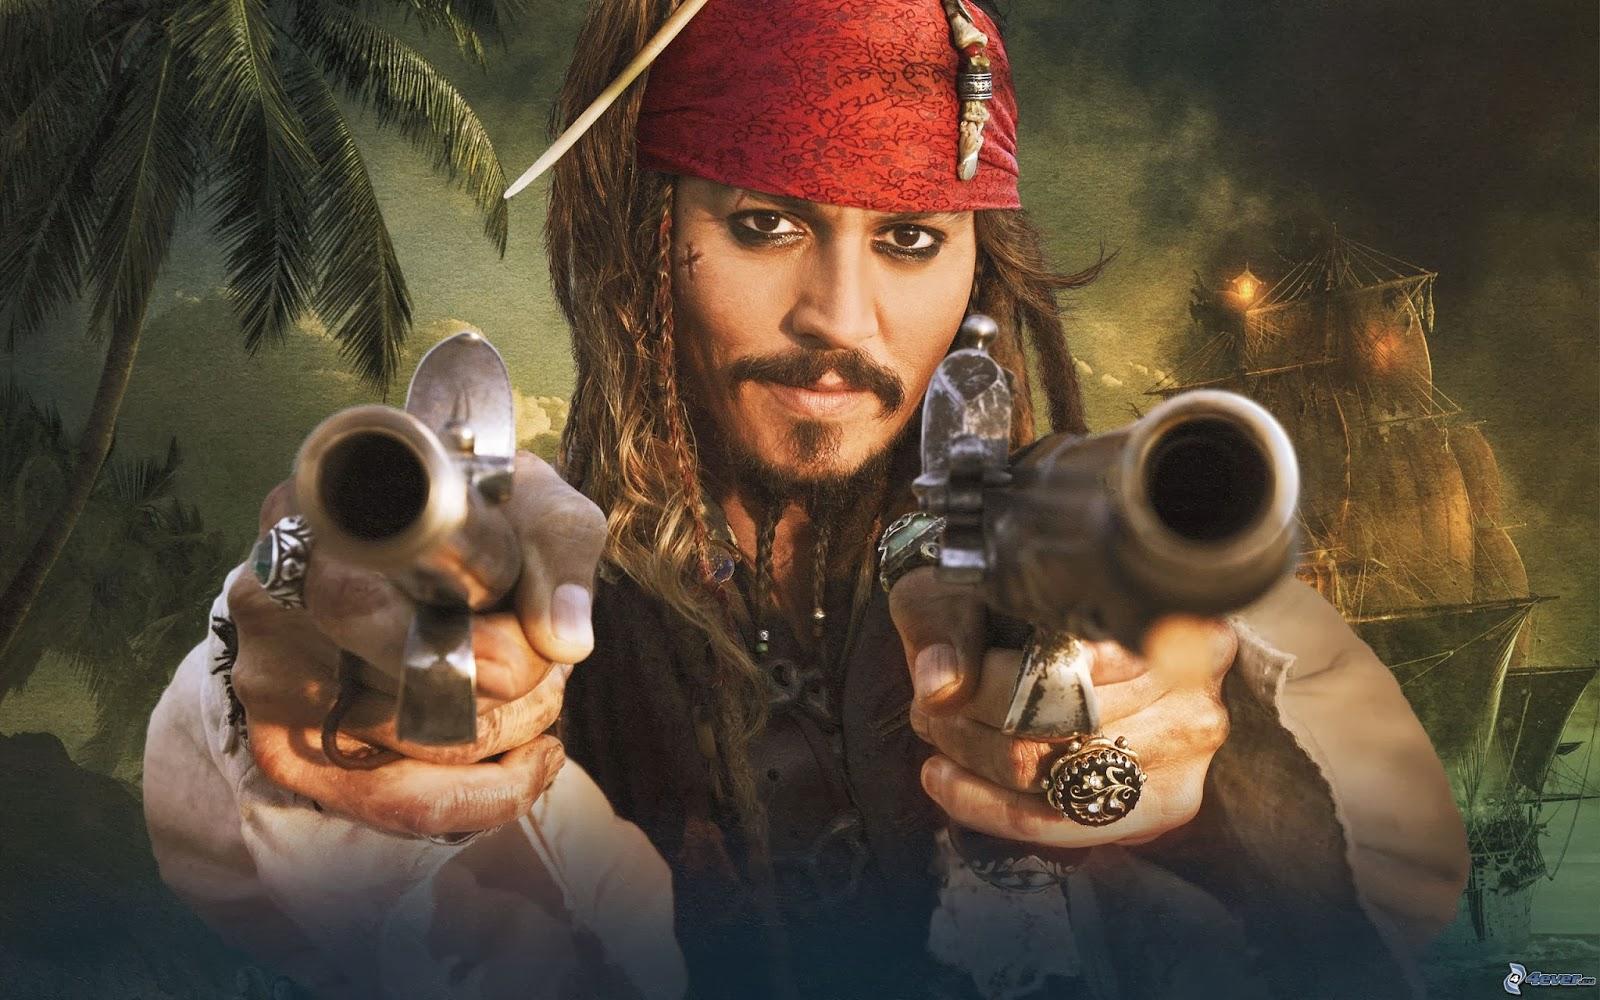 Frasi del film Pirati dei Caraibi La maledizione della prima